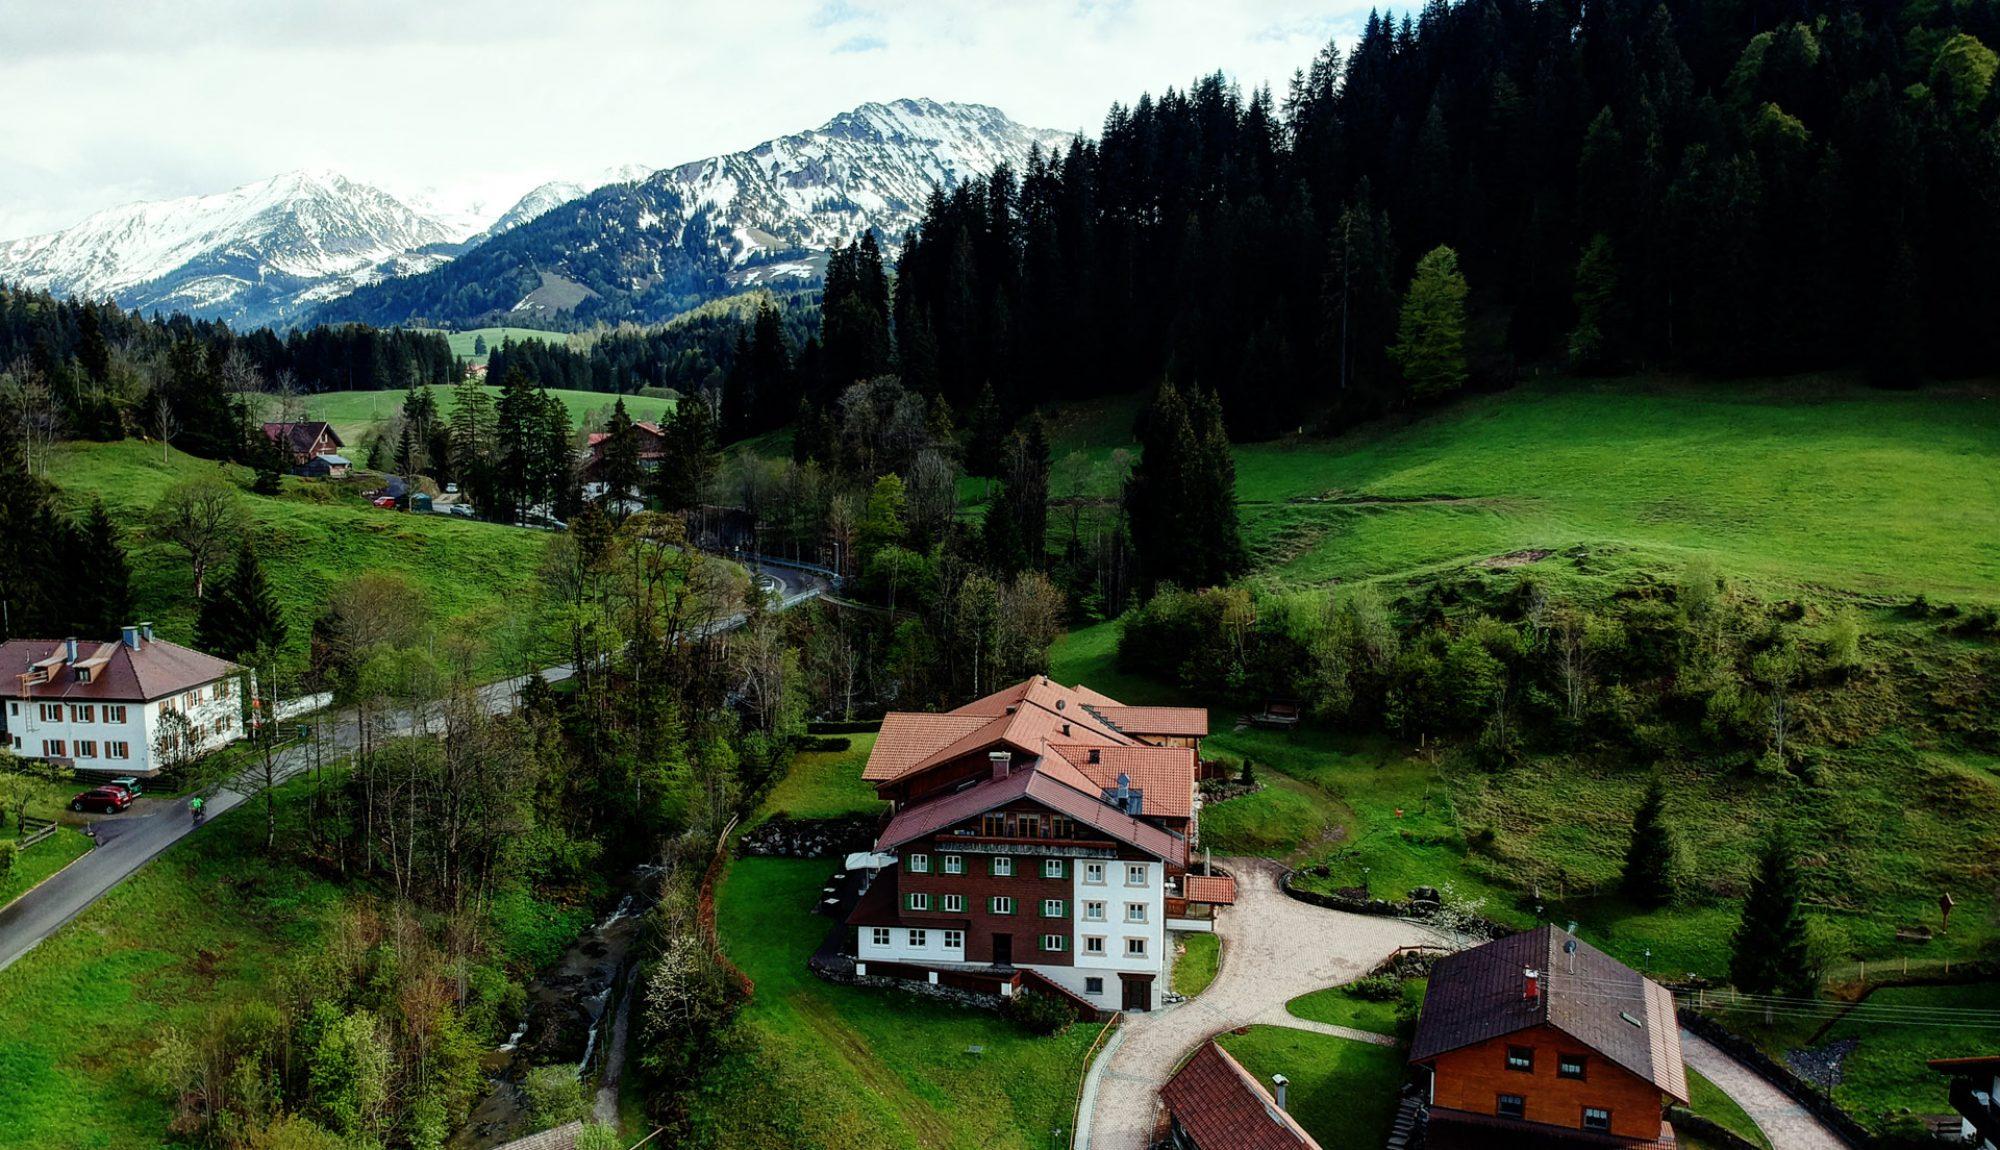 Berghotel Mühle Nordseite mit Blick auf die Berge